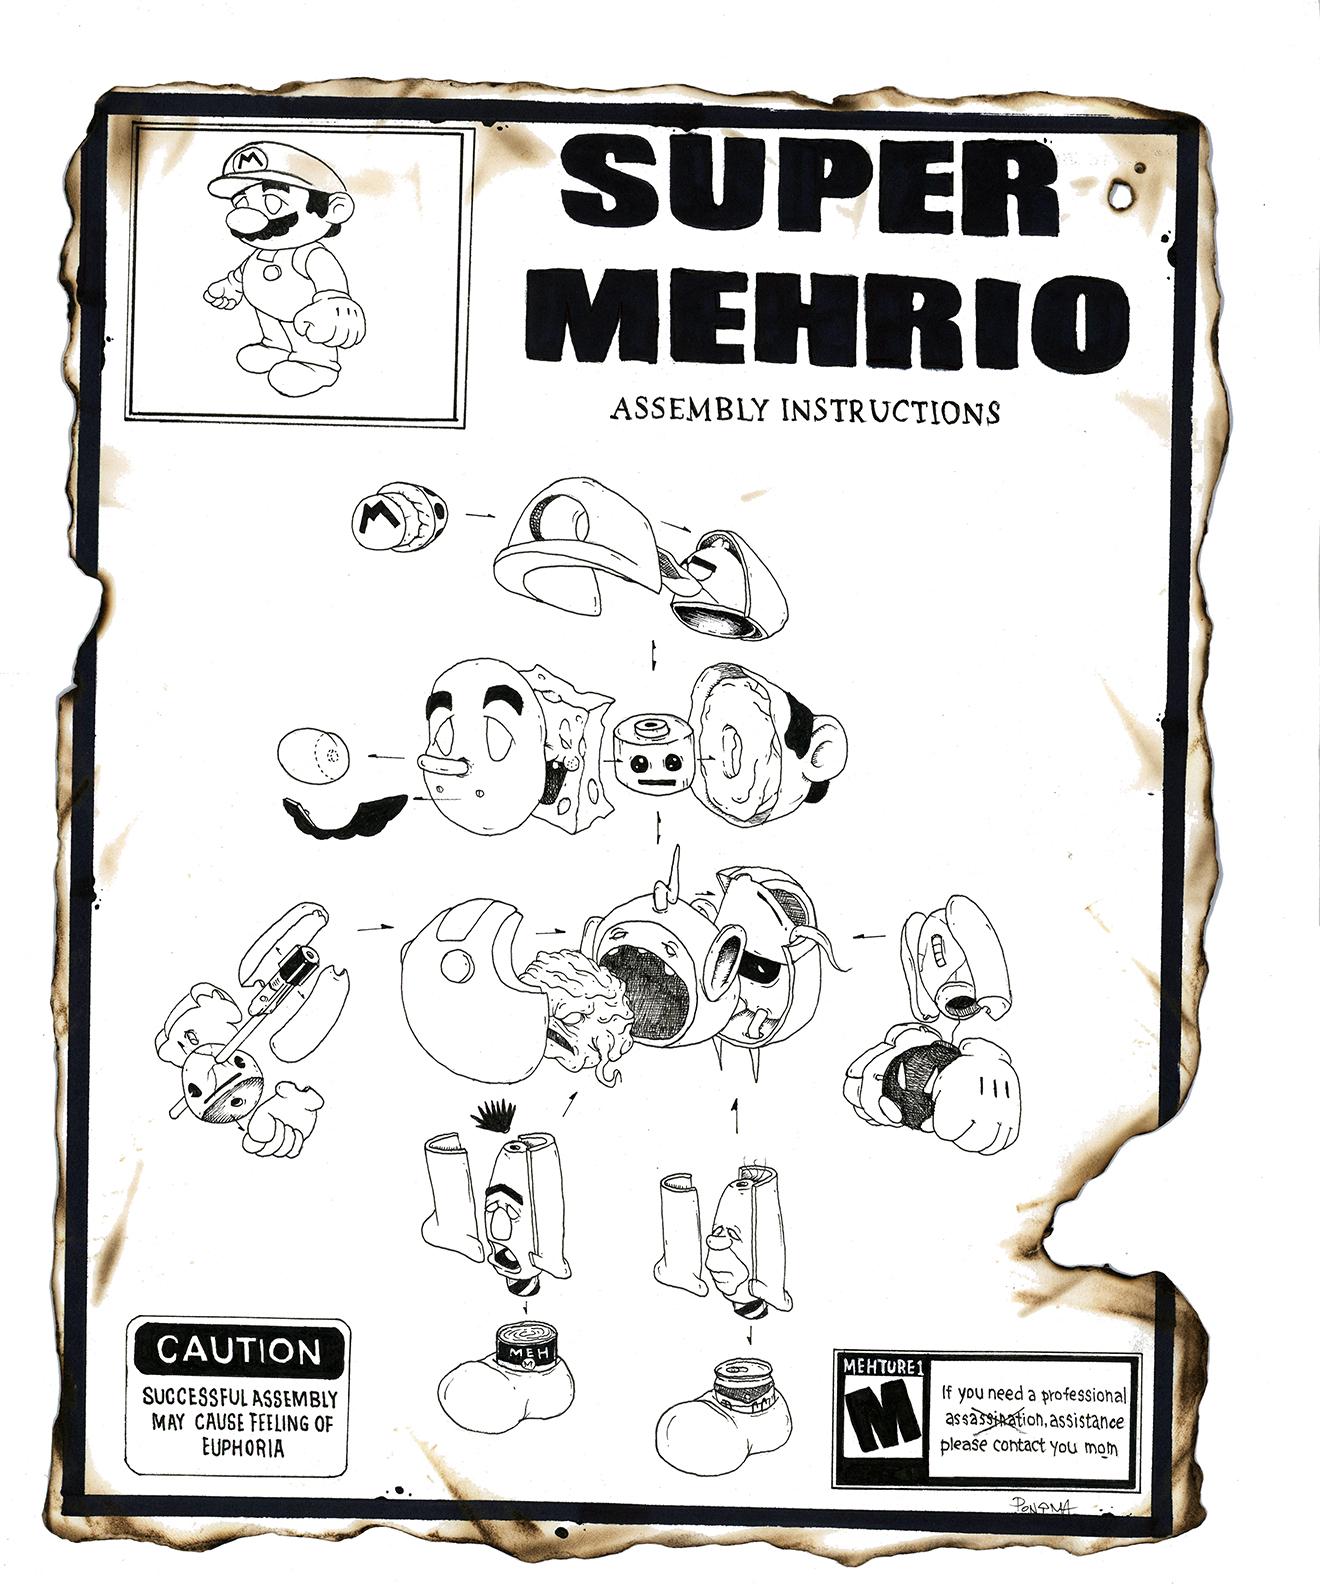 Super Mehrio